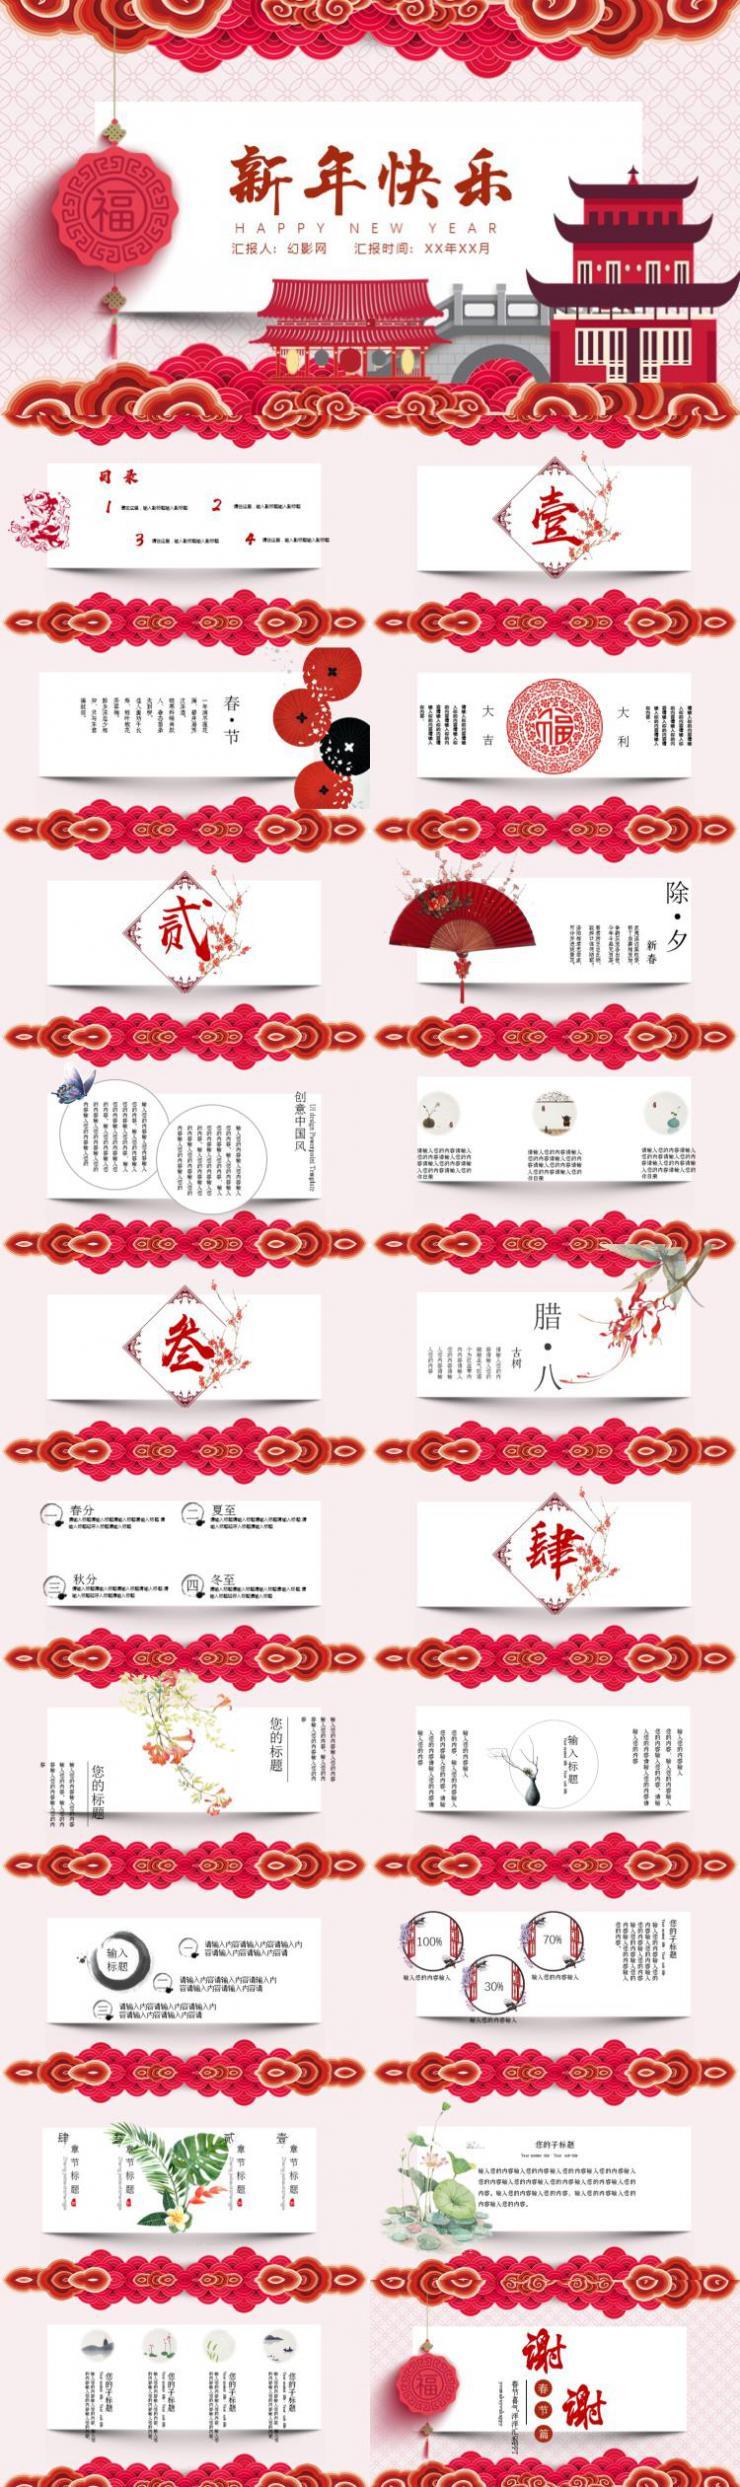 2019年红色中国风春节计划新年动态PPT模板